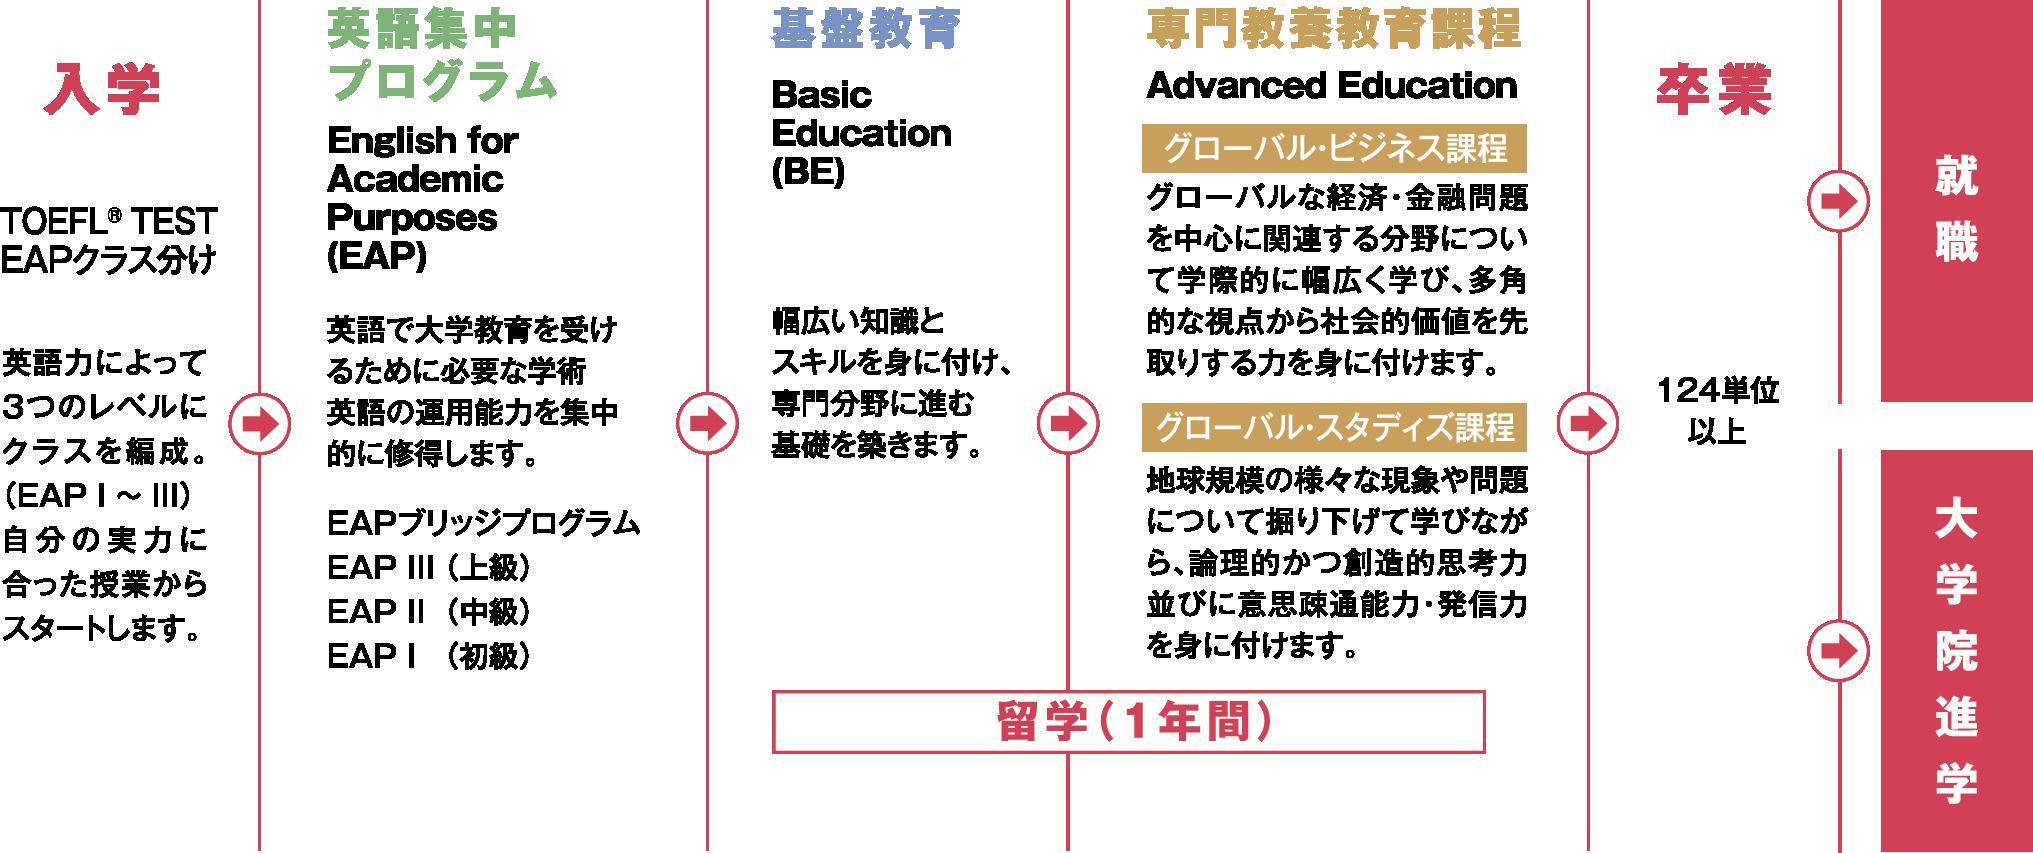 カリキュラムの流れ図